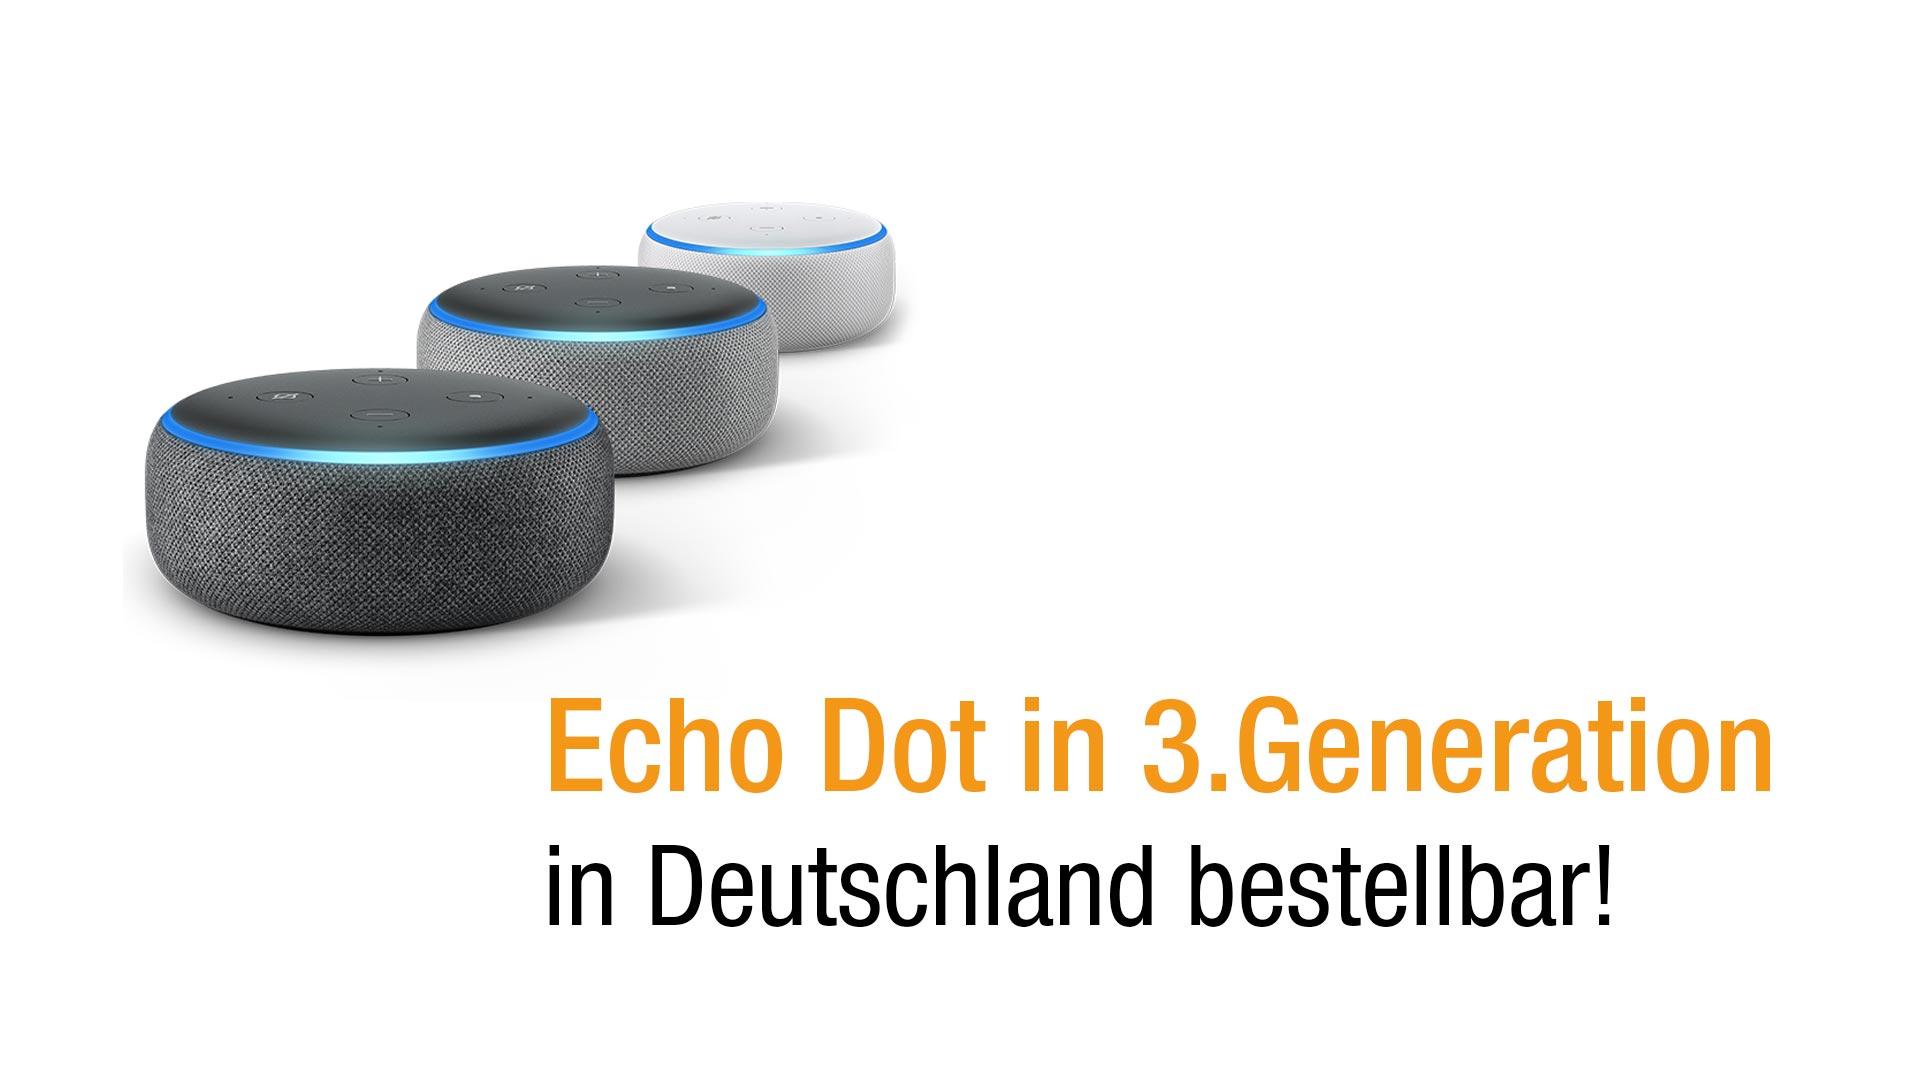 das neue echo dot 3 generation vorgestellt lohnt sich. Black Bedroom Furniture Sets. Home Design Ideas